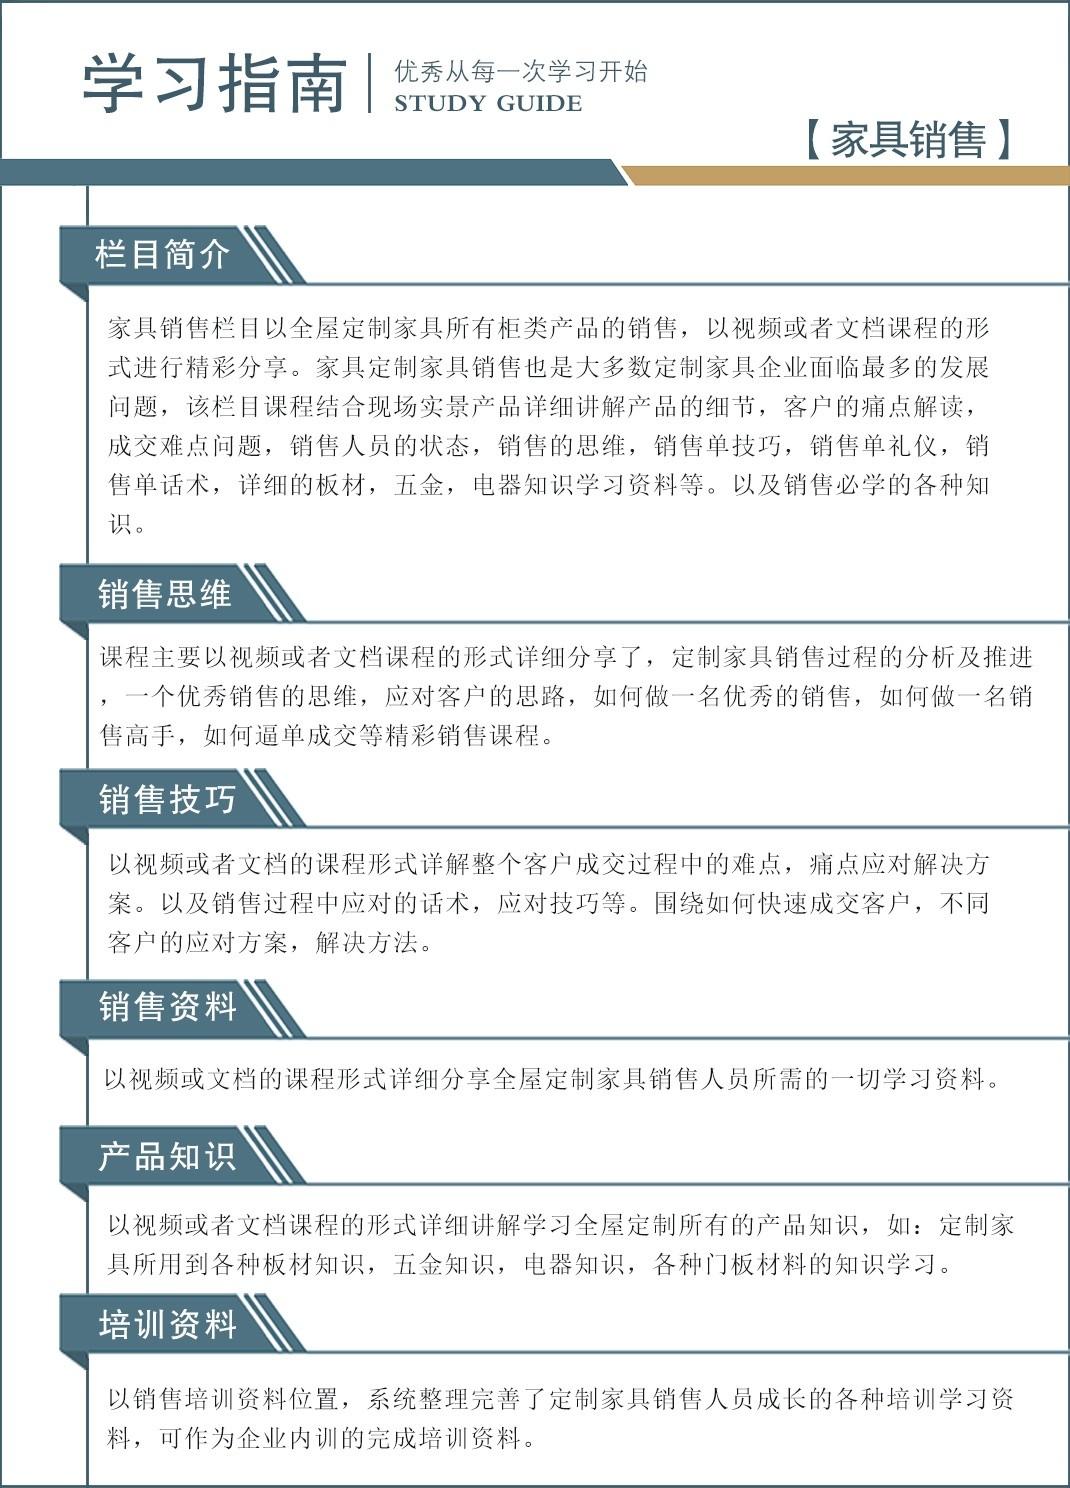 家具销售学习指南_看图王.jpg